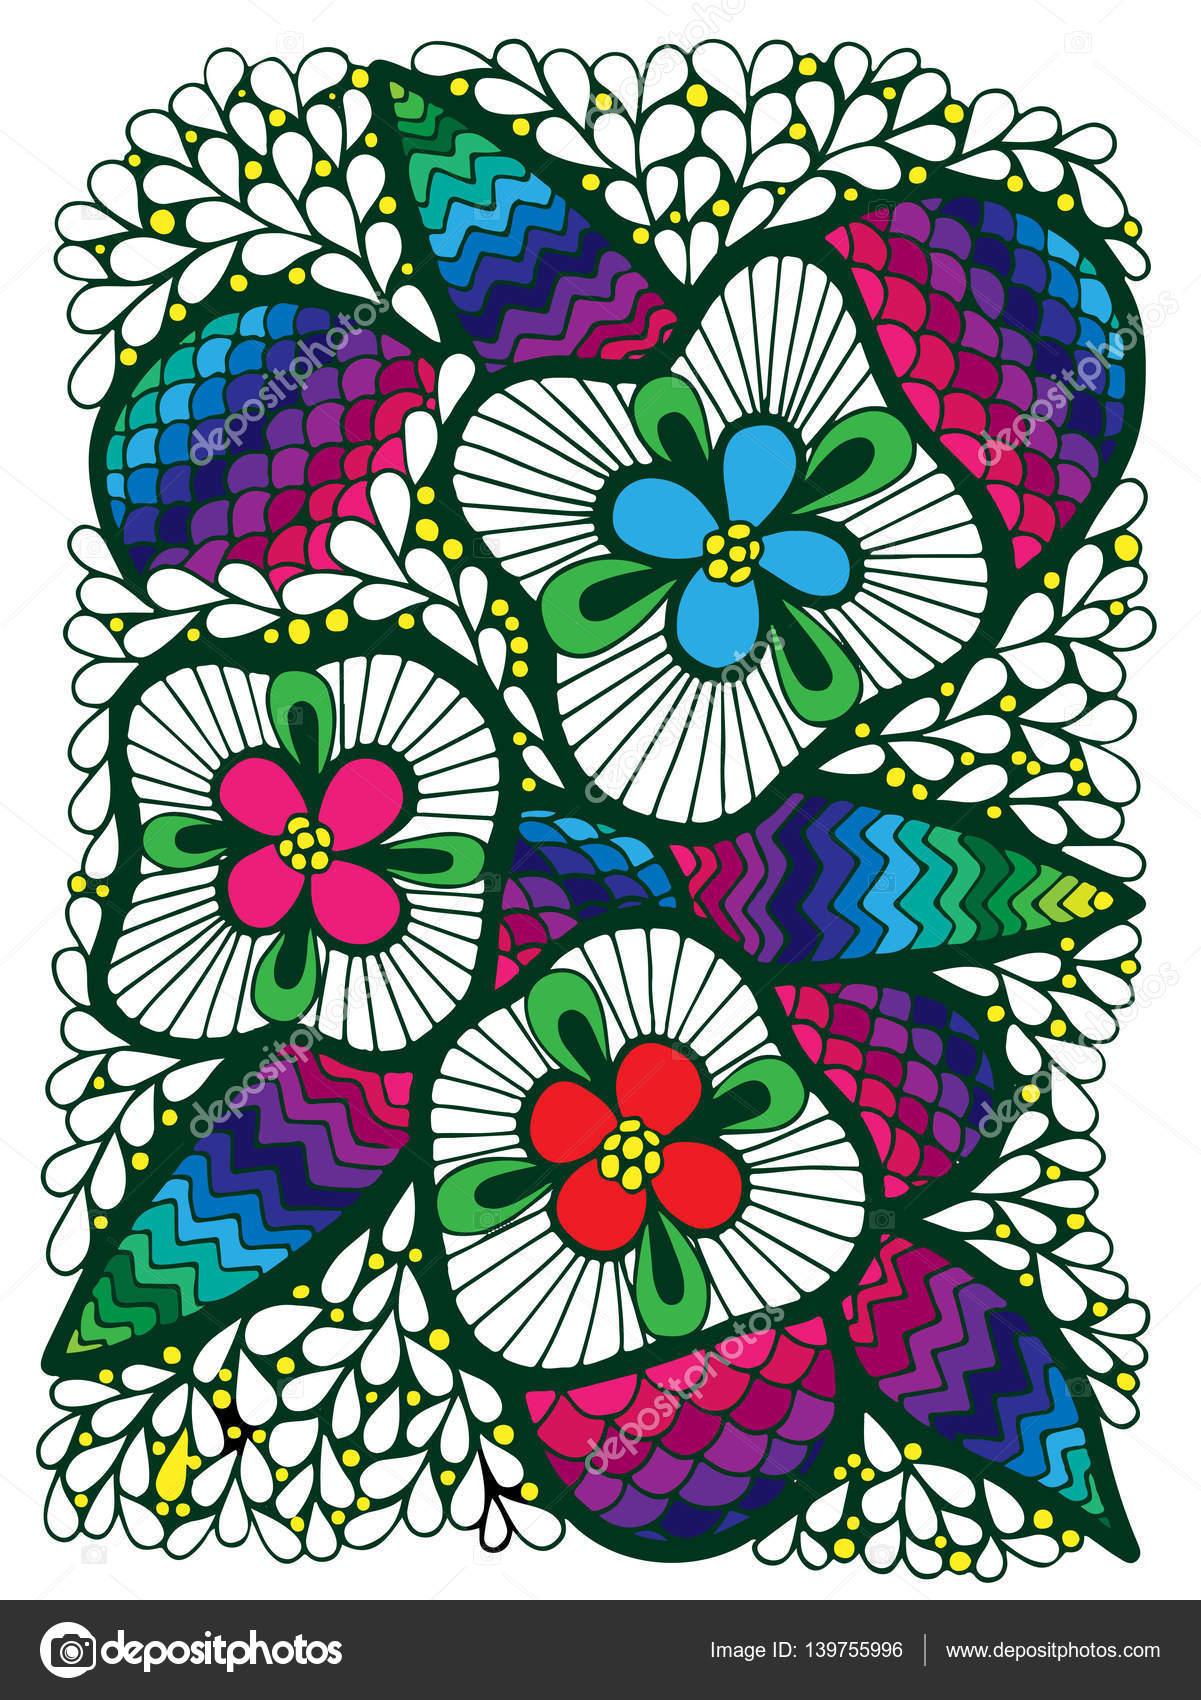 abstracto colorido flor con hojas — Archivo Imágenes Vectoriales ...